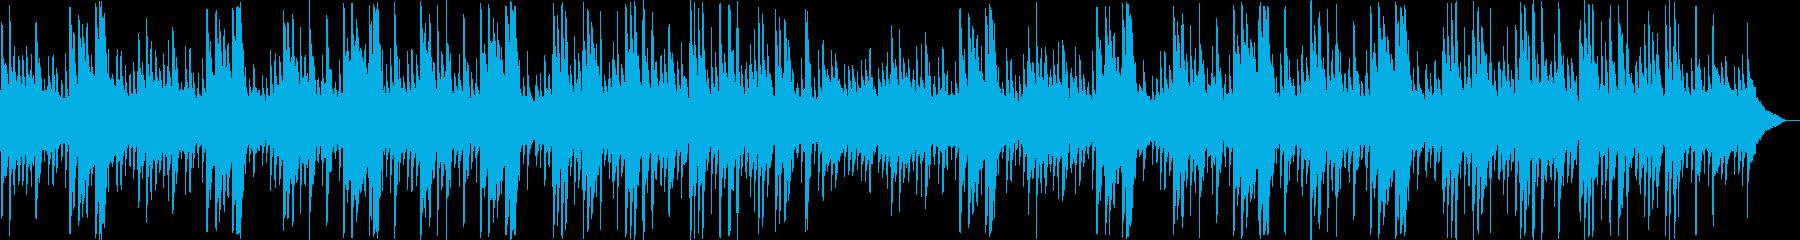 ゆっくりと優しいピアノギターサウンドの再生済みの波形